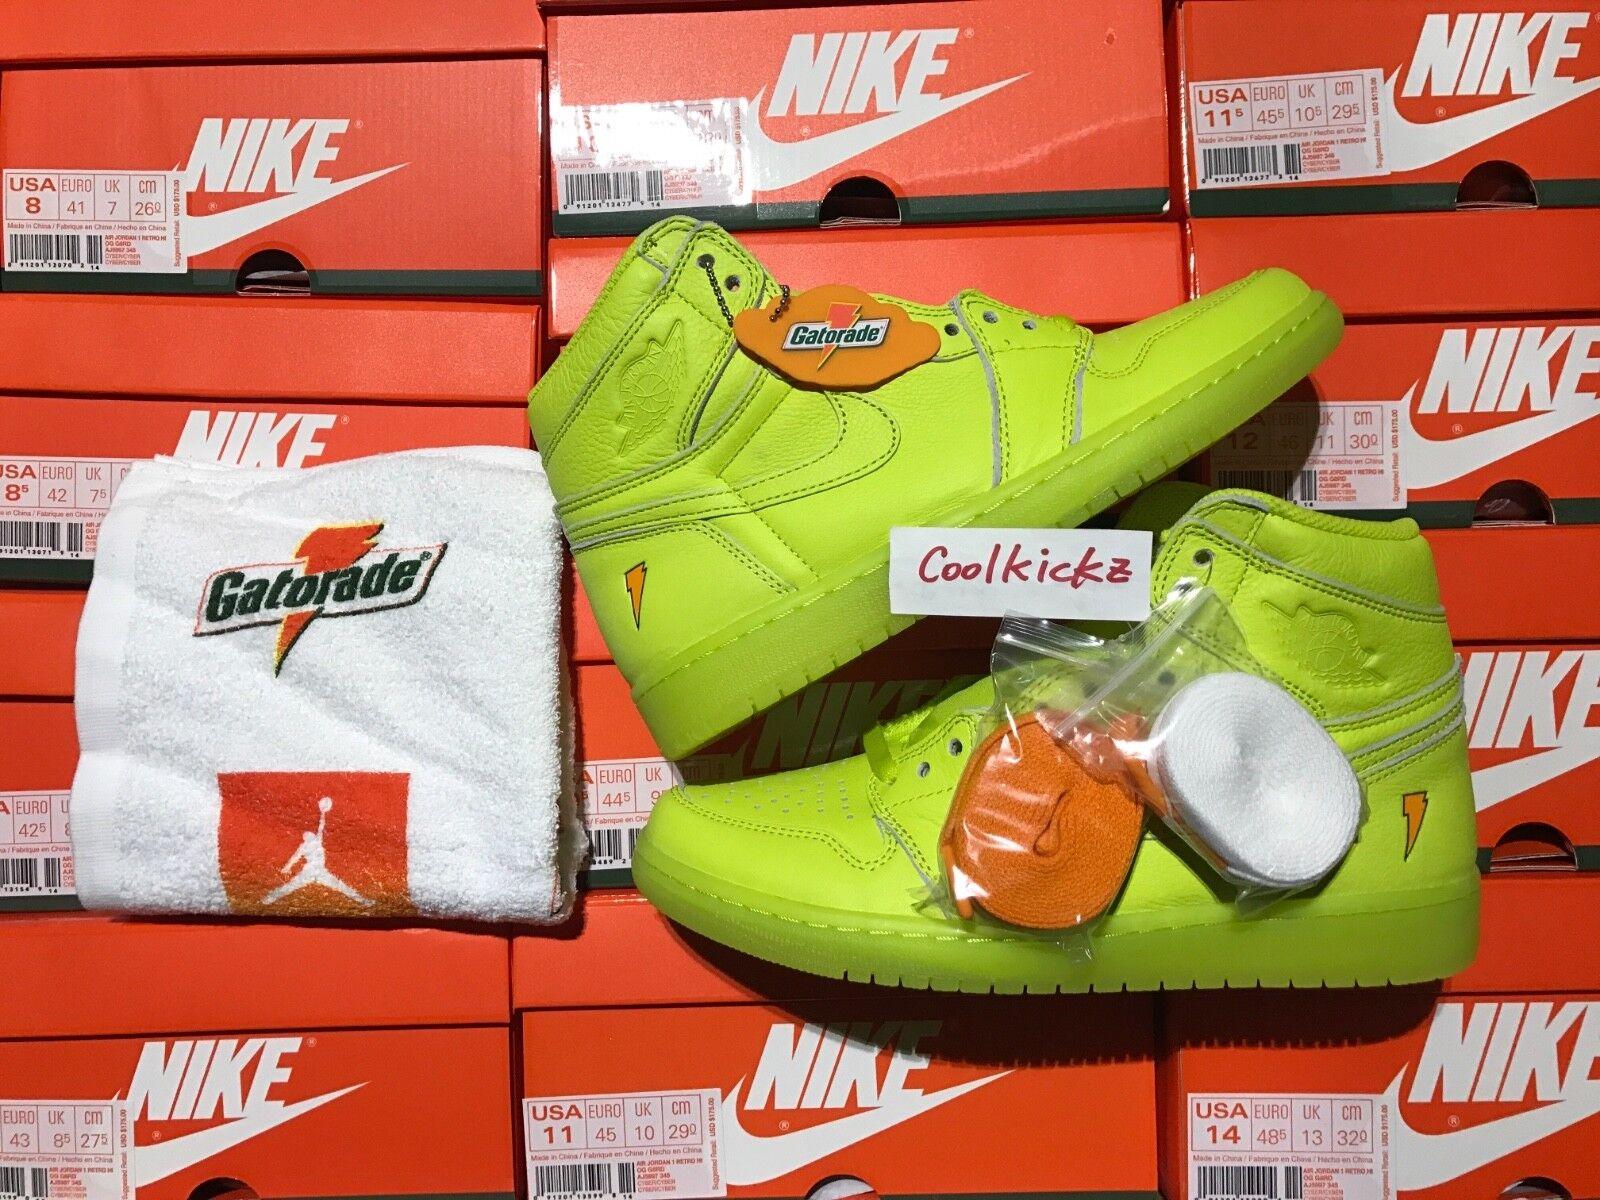 Nike 1 air jordan 1 Nike '8 14 giallo limone e lime alto gatorade aj5997-345 115506